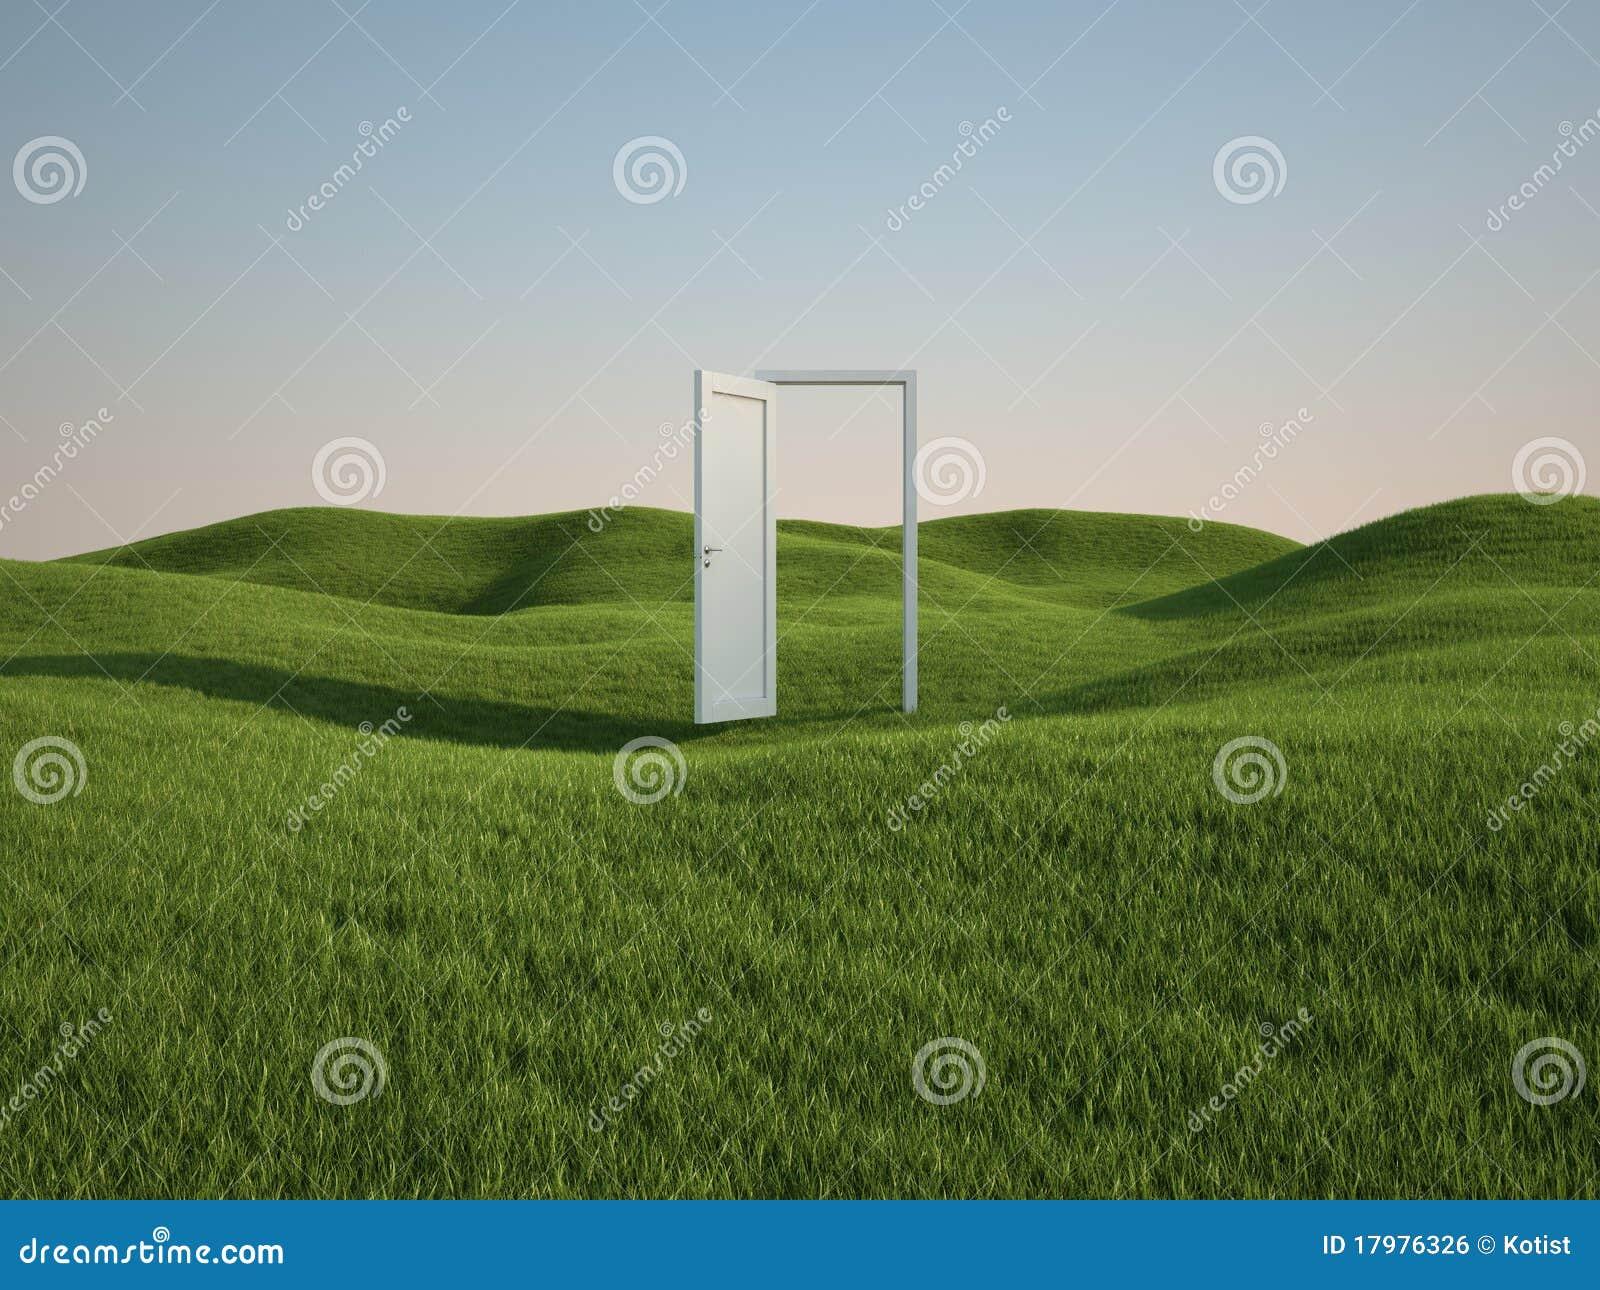 Field with door